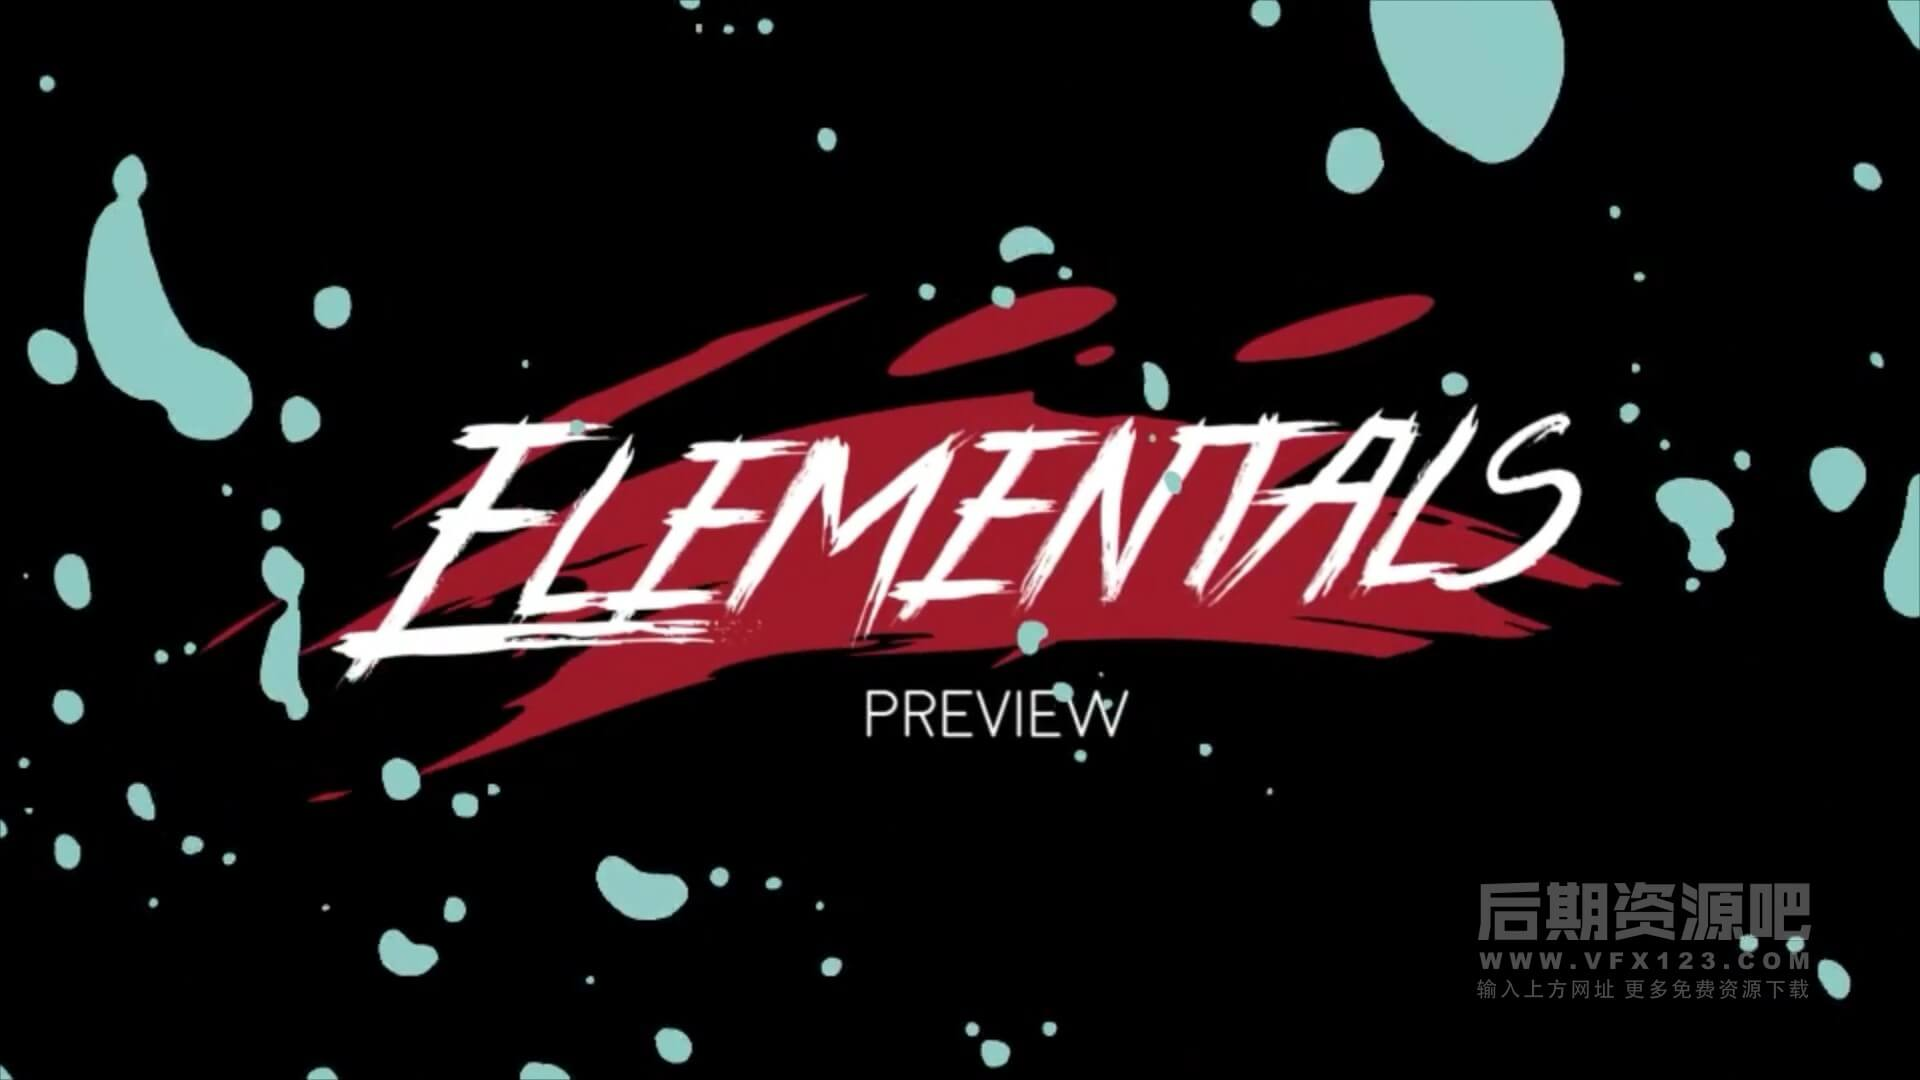 视频素材 2D手绘卡通爆炸火闪光烟等特效合成素材 Elemental 2D FX pack